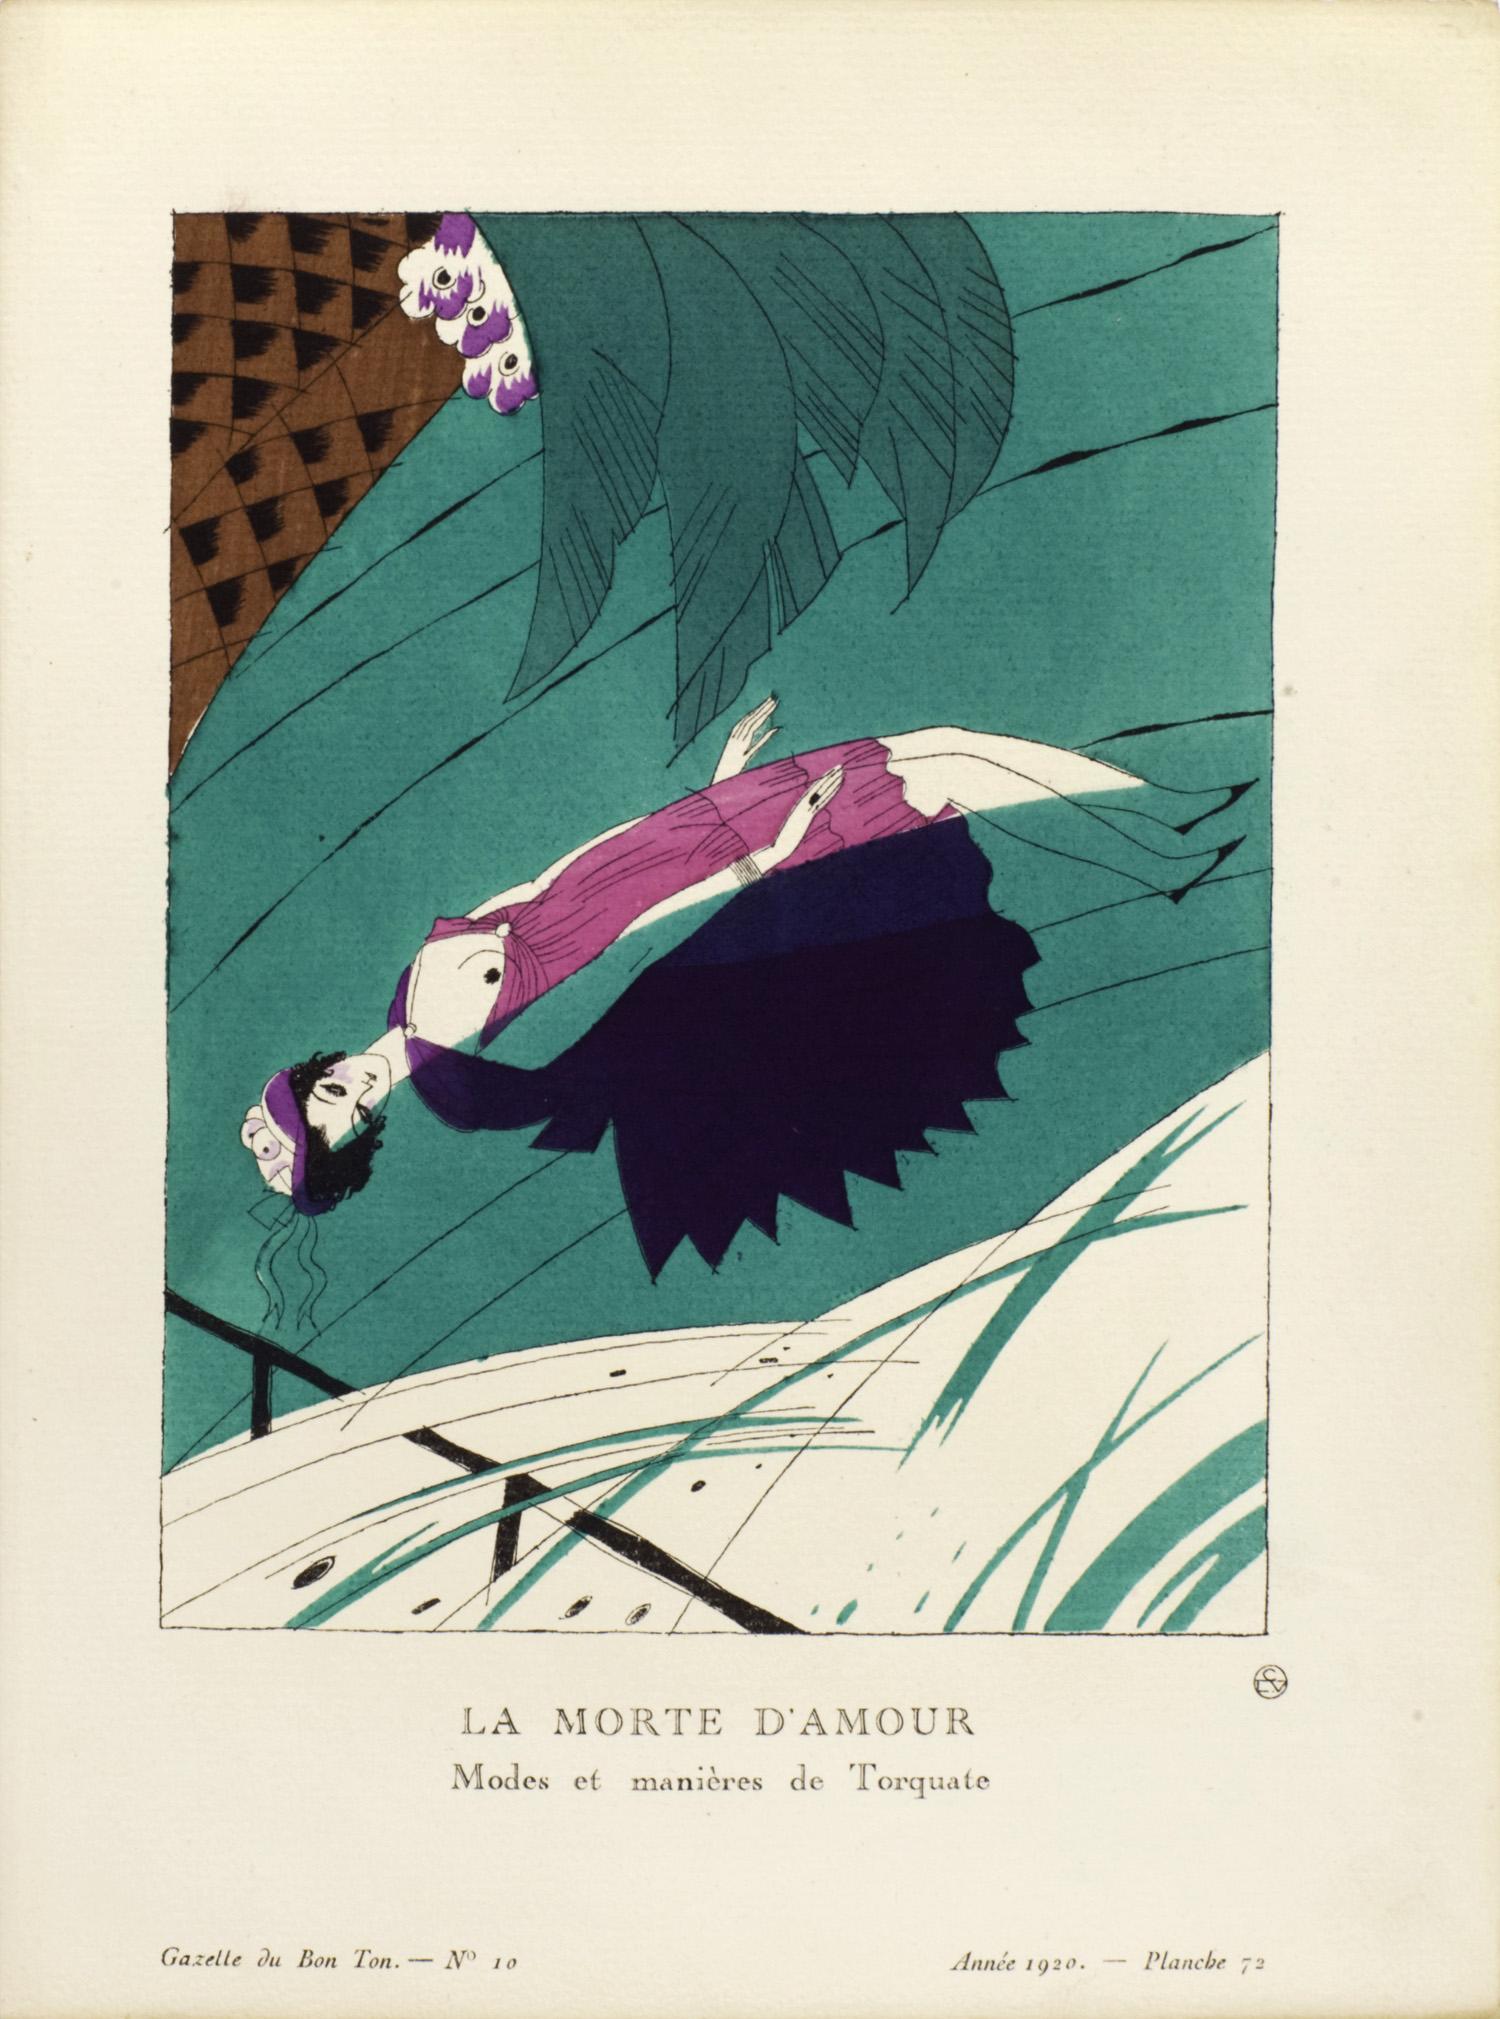 La Morte d'amour | La Morte d'Amour | Charles Martin